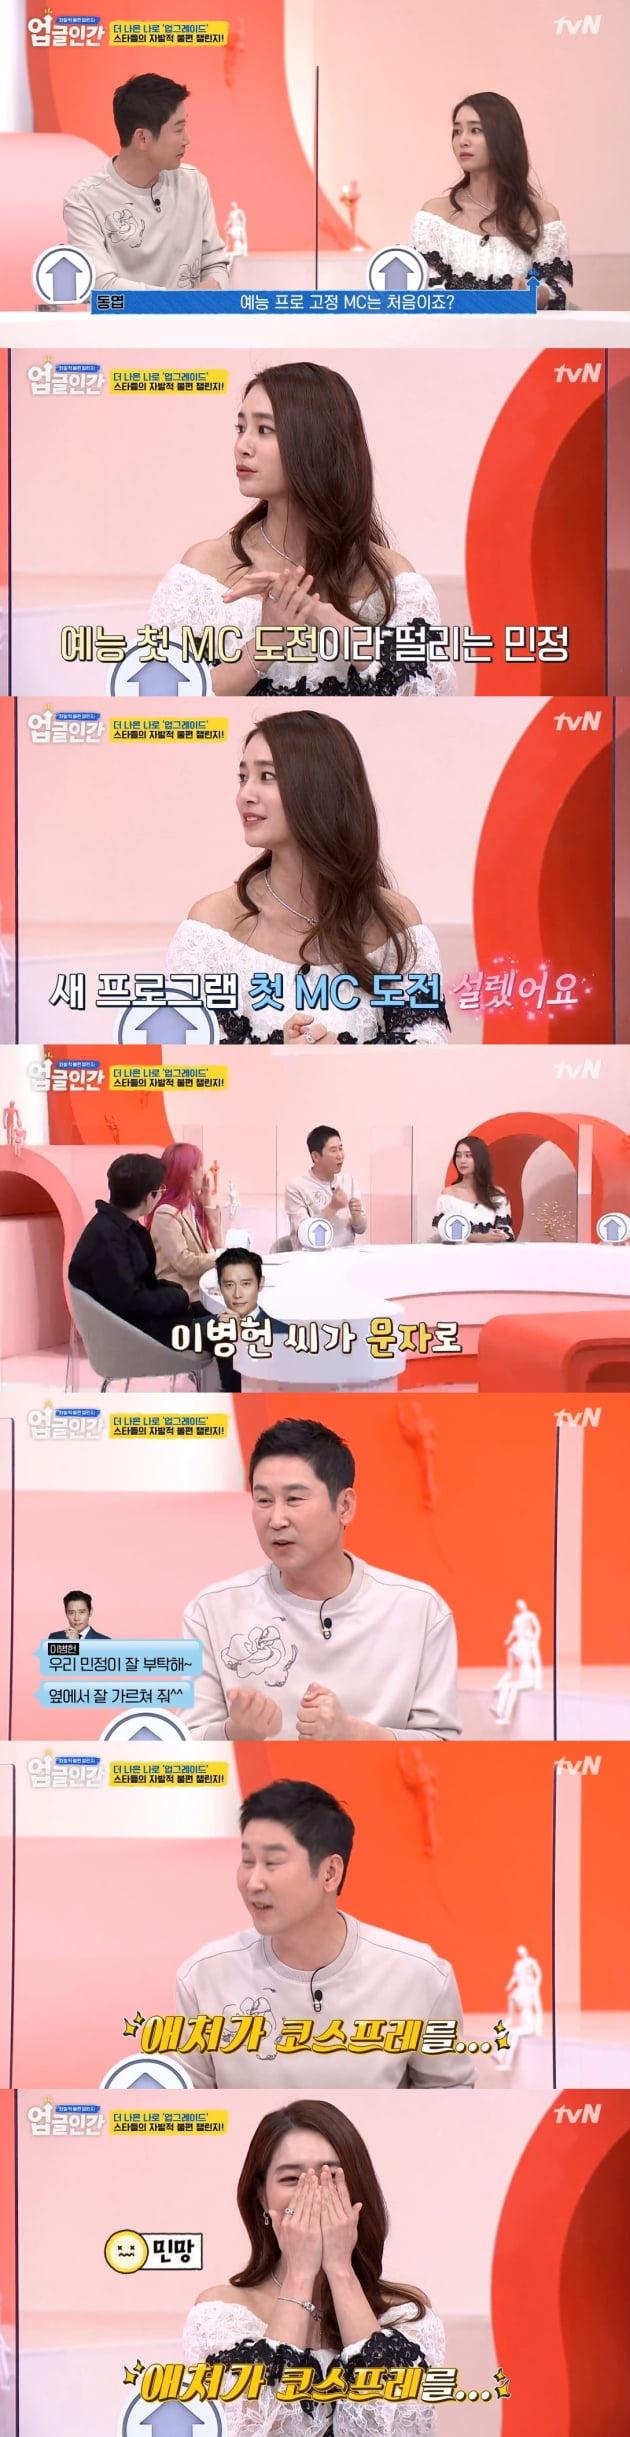 /사진 = tvN '업글인간' 방송화면 캡처